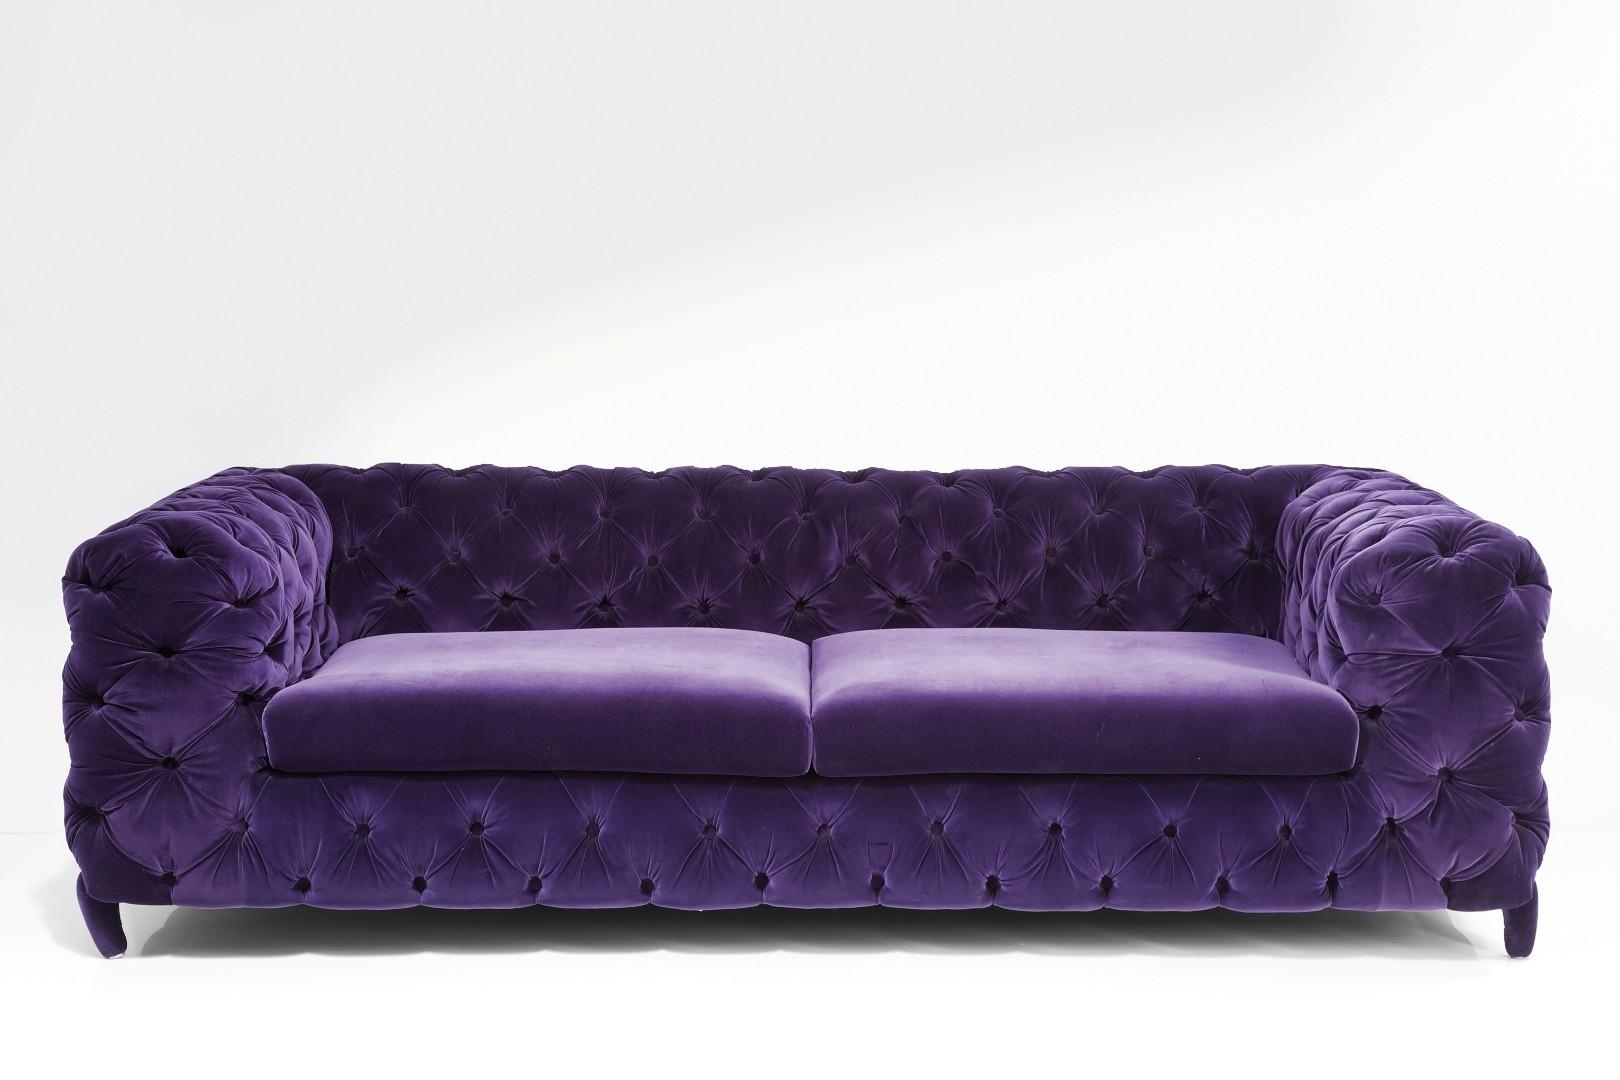 Sofas Center : Purple Sleeper Sofa Velvet Sofapurple Queenpurple Inside Velvet Purple Sofas (View 6 of 20)